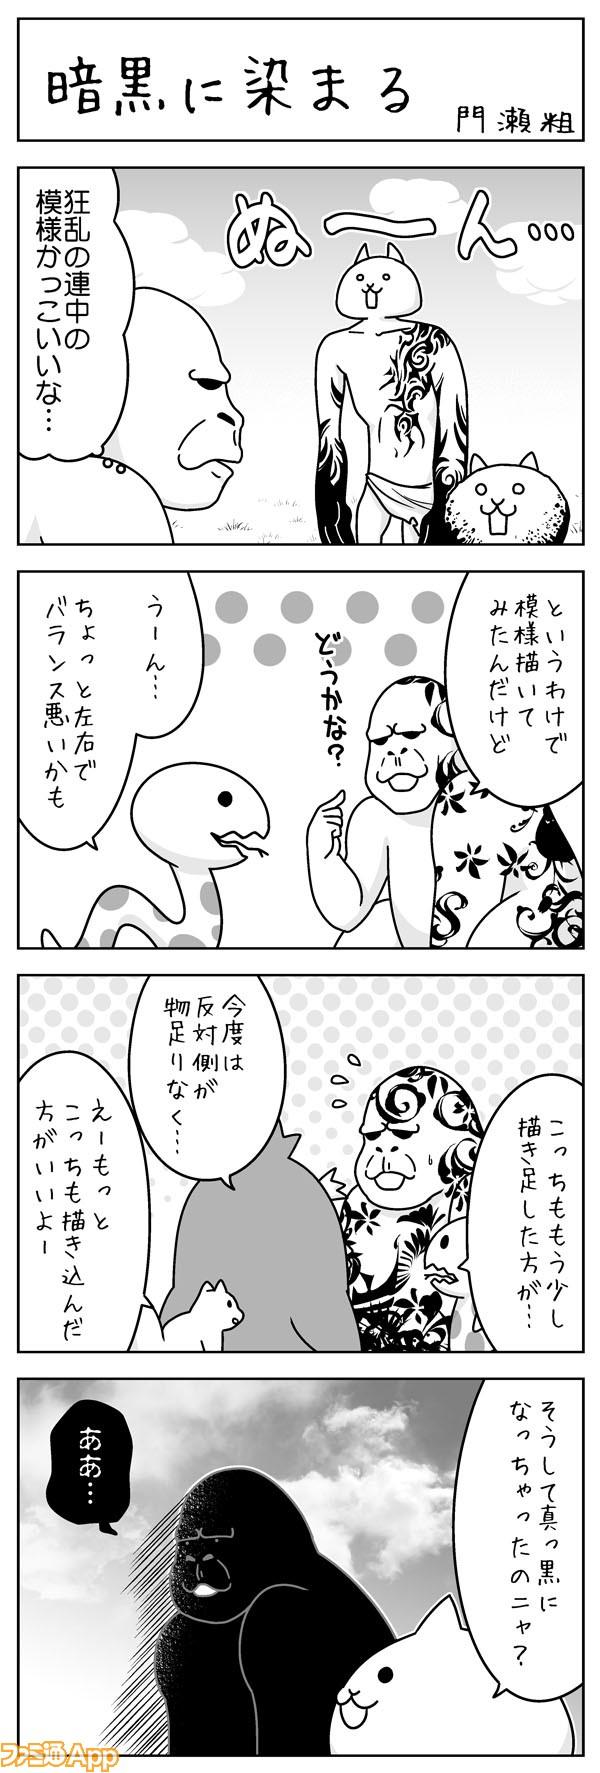 02kado_073